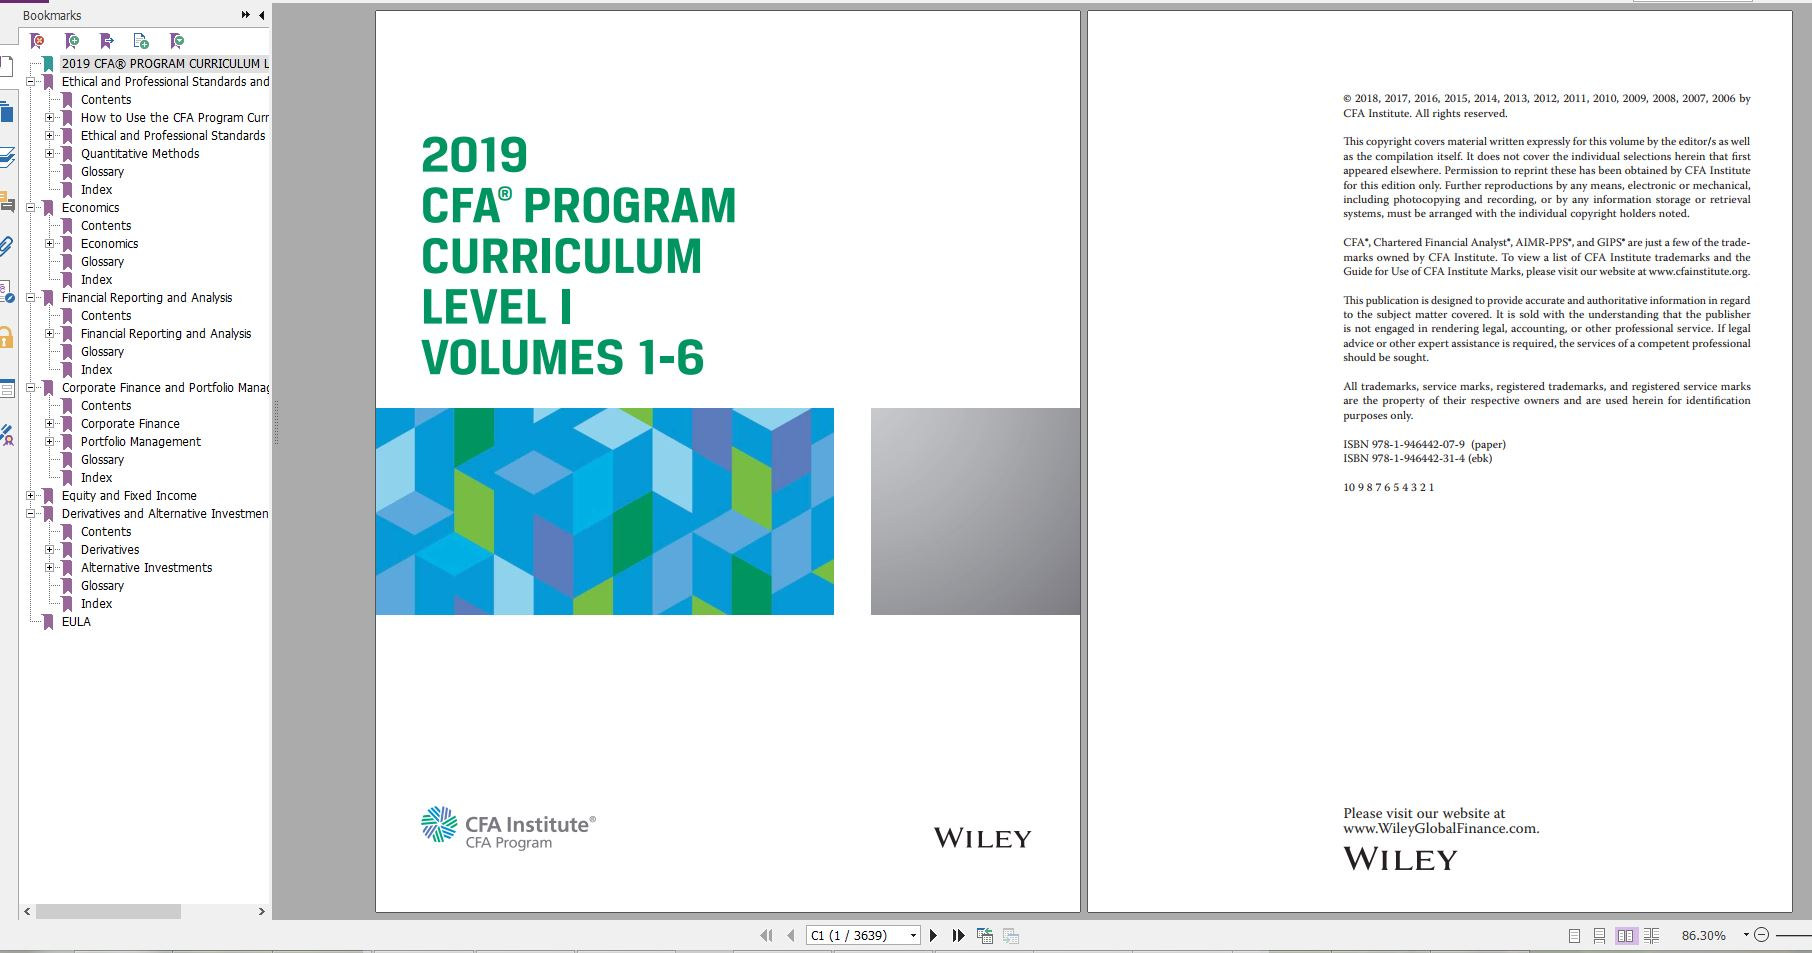 دانلود کتاب CFA Program Curriculum 2019 Level I Volumes 1-6